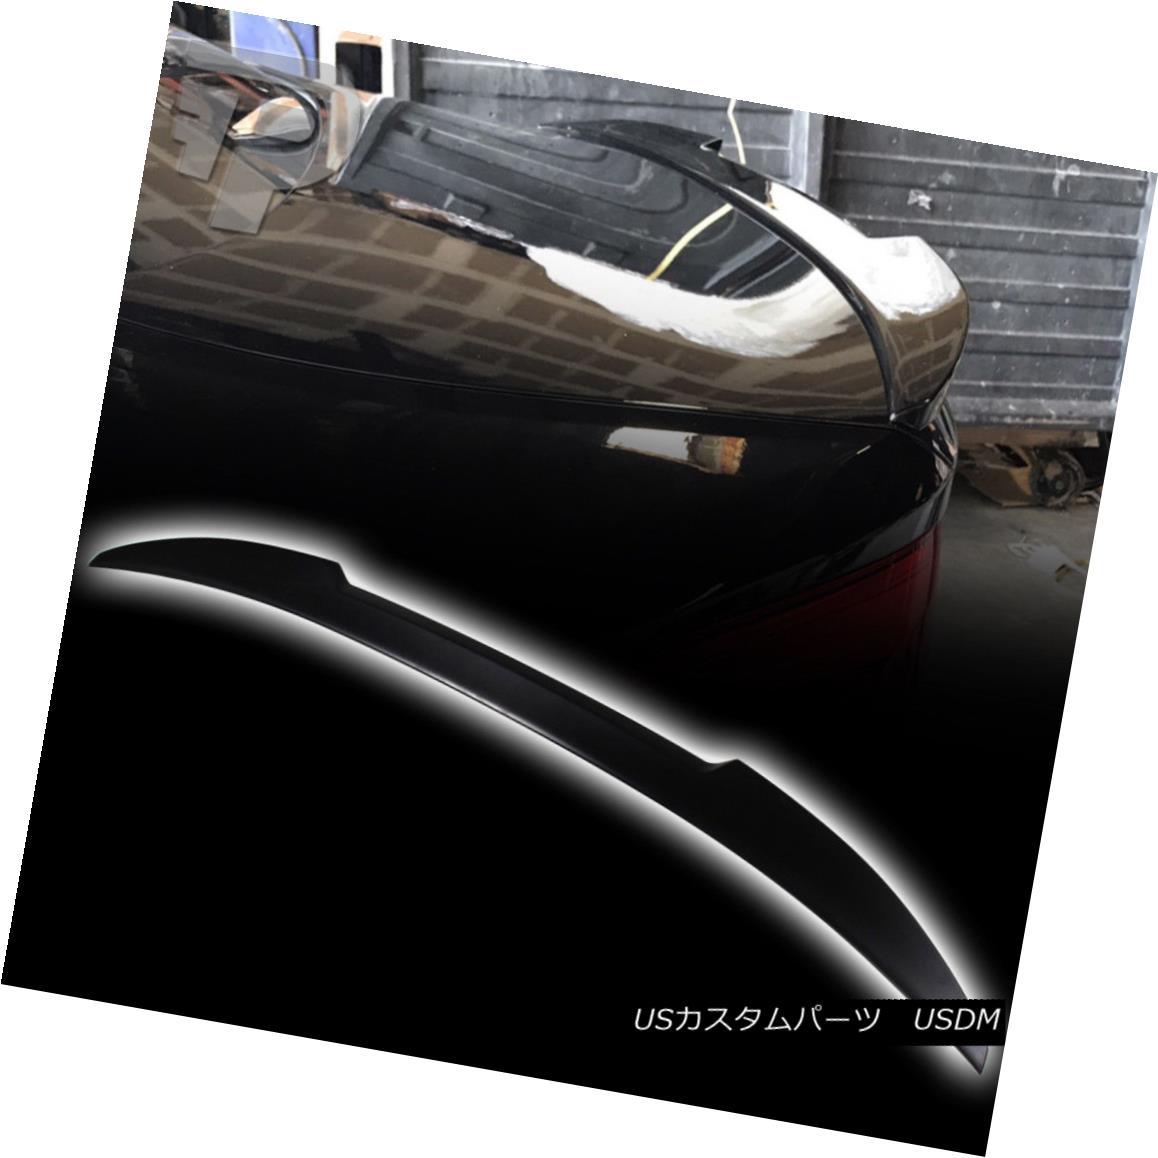 エアロパーツ Painted #475 2017 M4 Type Rear Trunk Boot Spoiler BMW 5-Ser G30 4DR 530i 540i M5 ペイント#475 2017 M4タイプリアトランク・ブーツ・スポイラーBMW 5-Ser G30 4DR 530i 540i M5